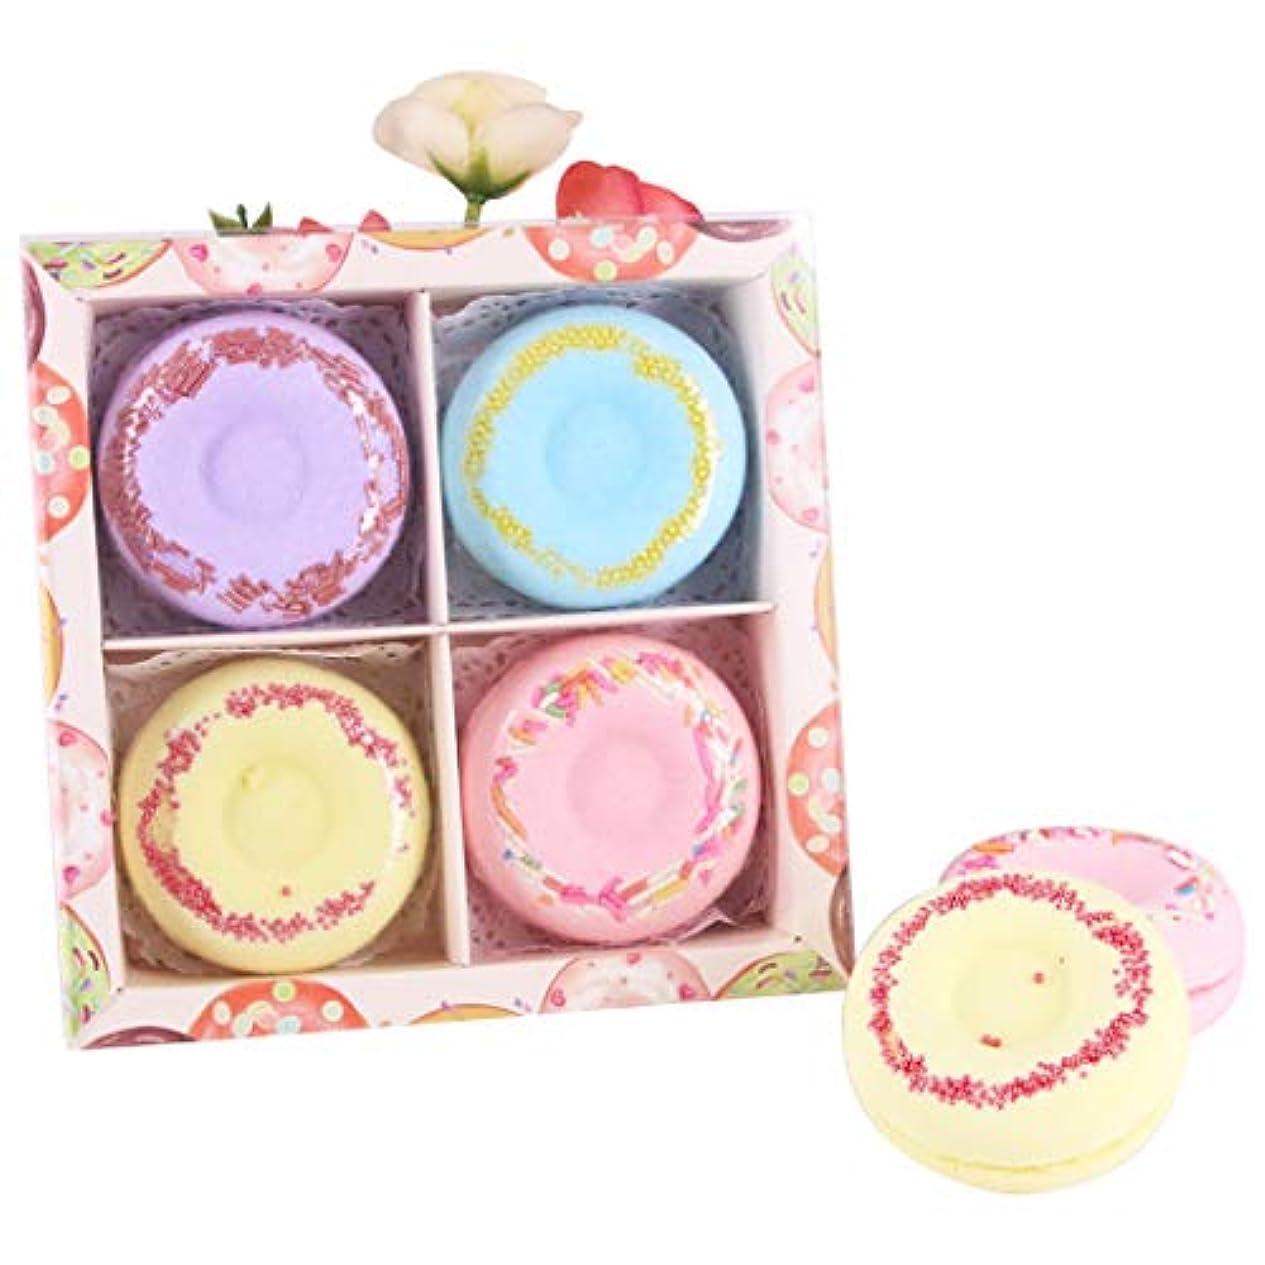 議論するスリーブバレーボールFunpa 4枚セット 入浴剤 入浴ボール ドーナツ型 可愛い 精油 香り残す バレンタインデー 彼女のプレゼント お風呂用